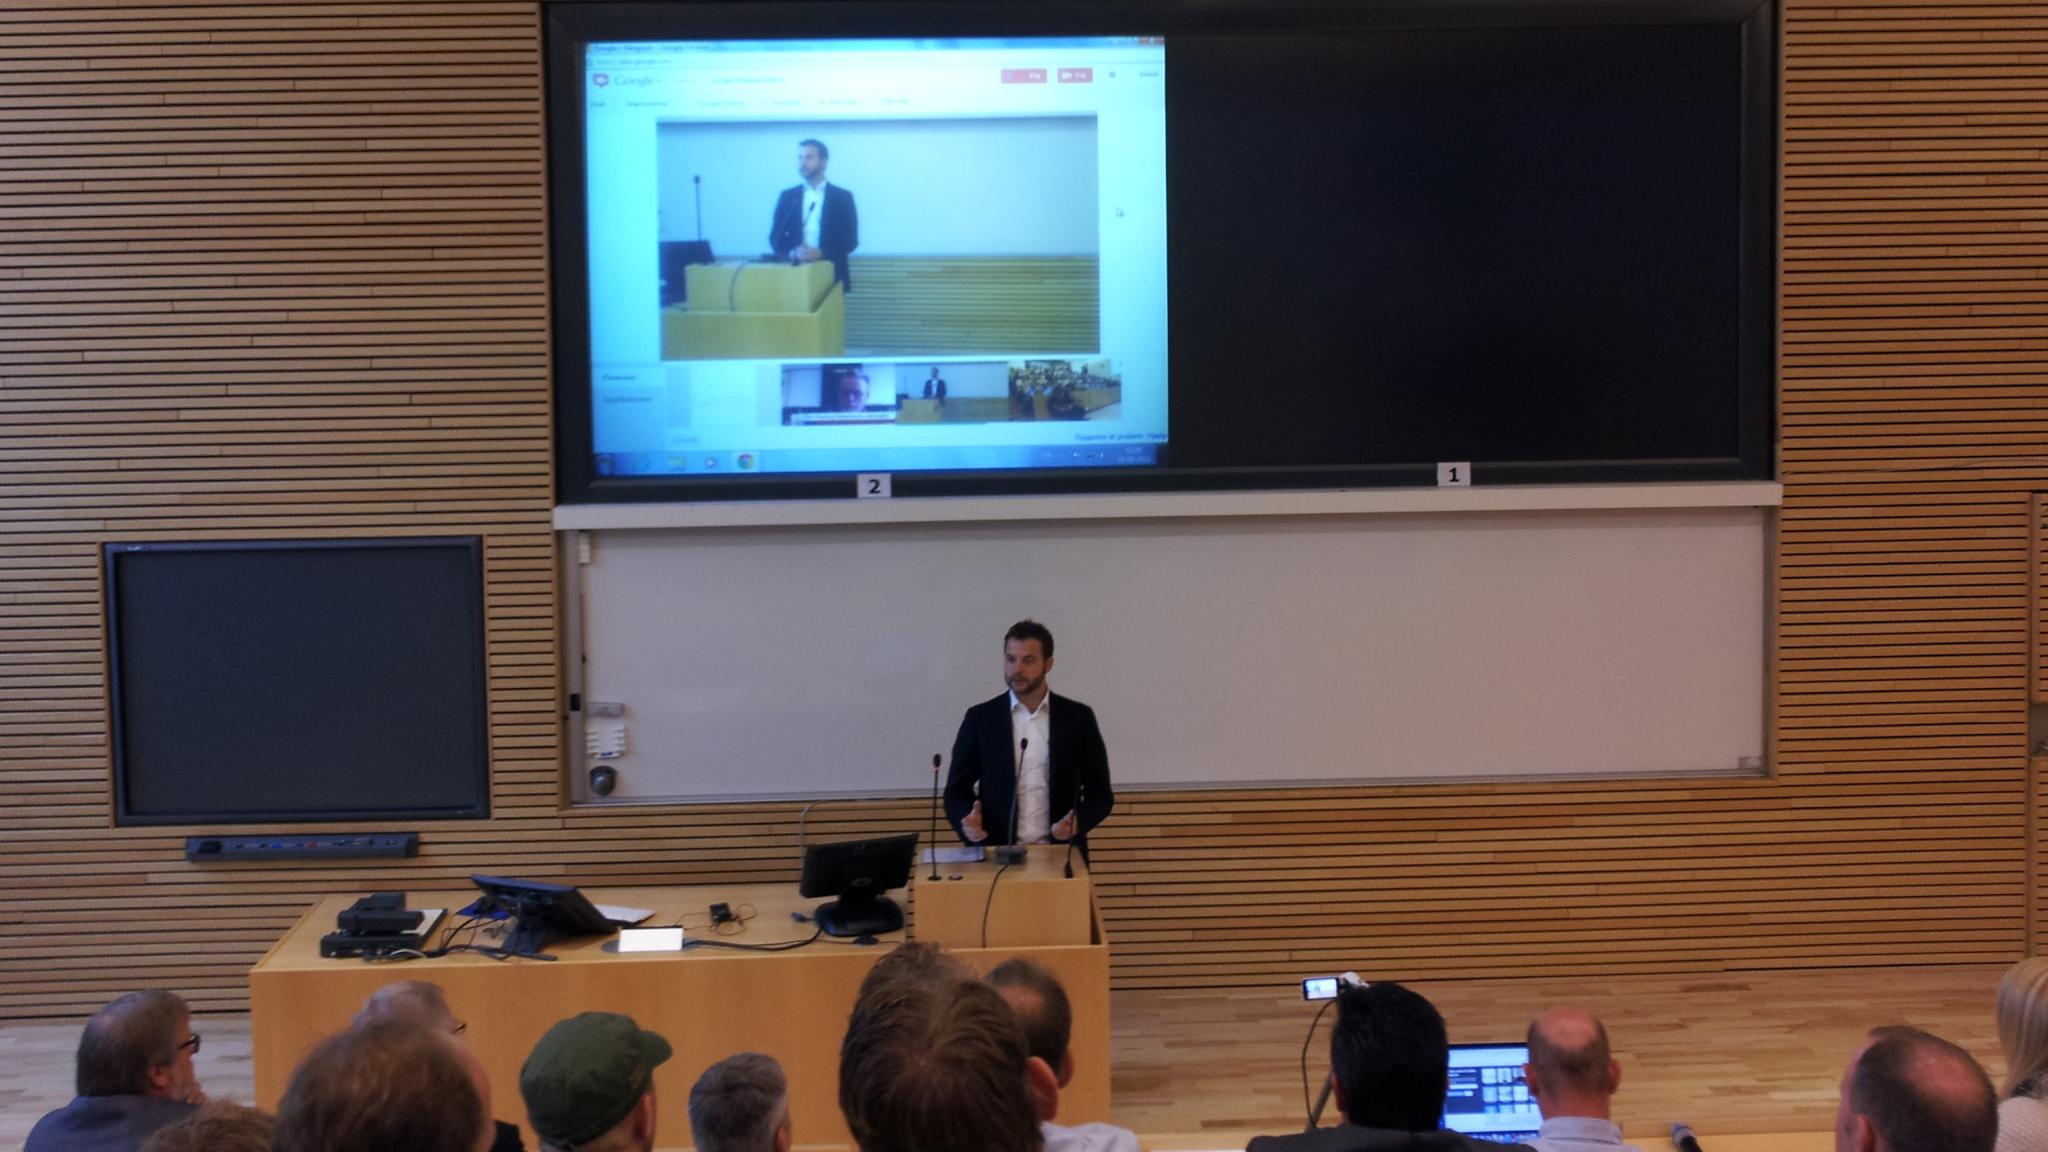 Uddannelsesministeren og Lars Bak diskuterede innovation i Danmark